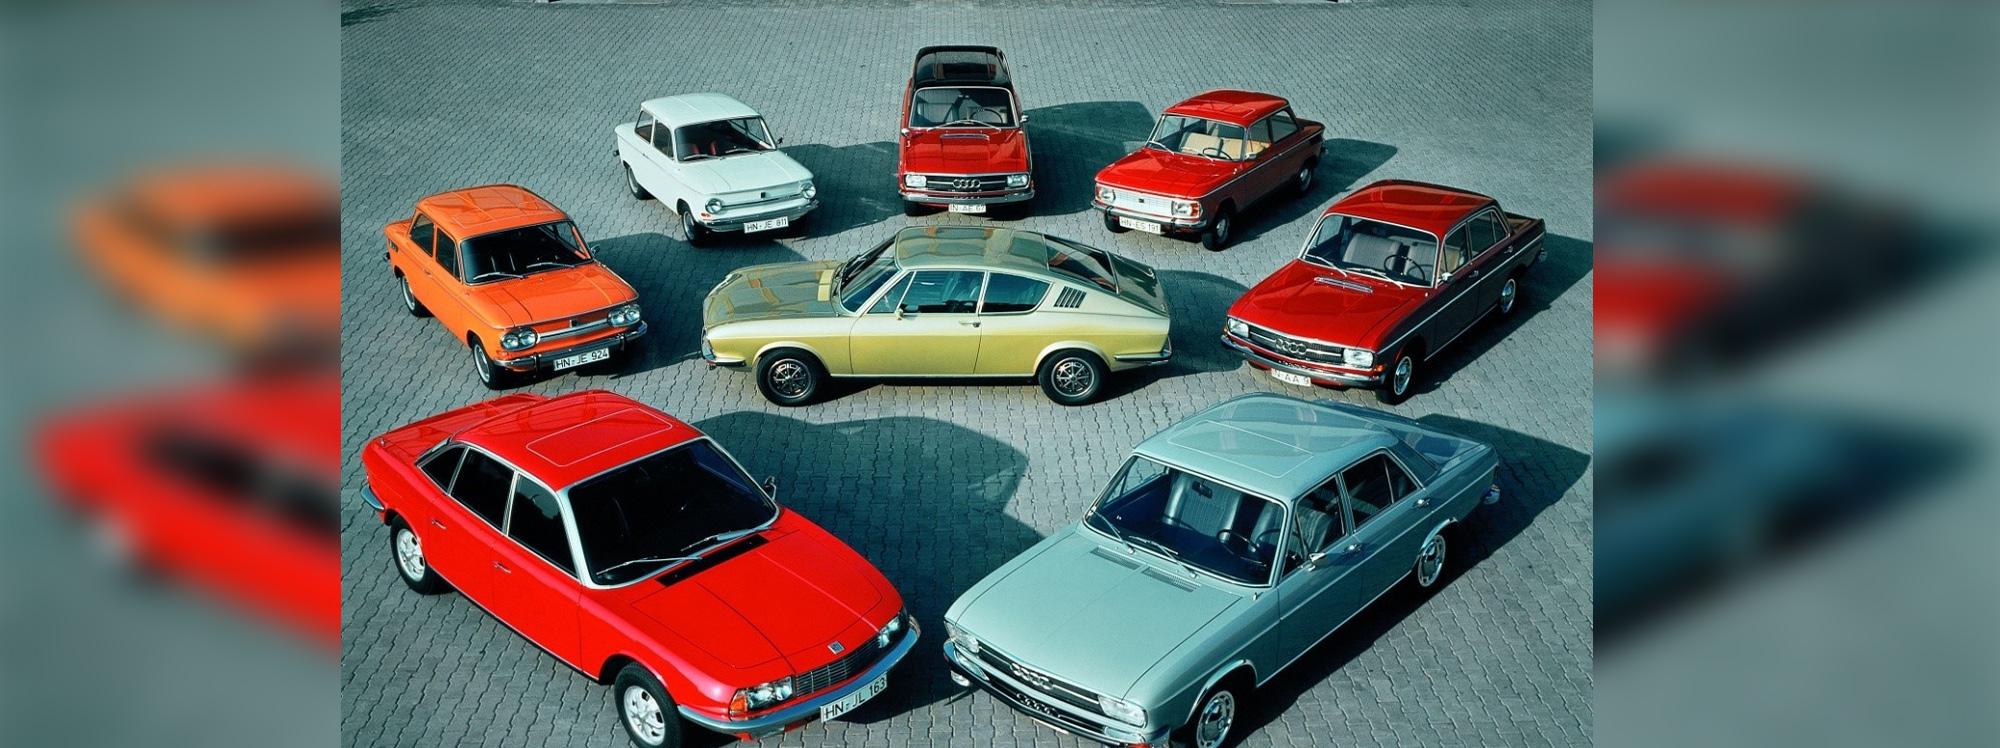 Los 50 años del lema de Audi a exposición